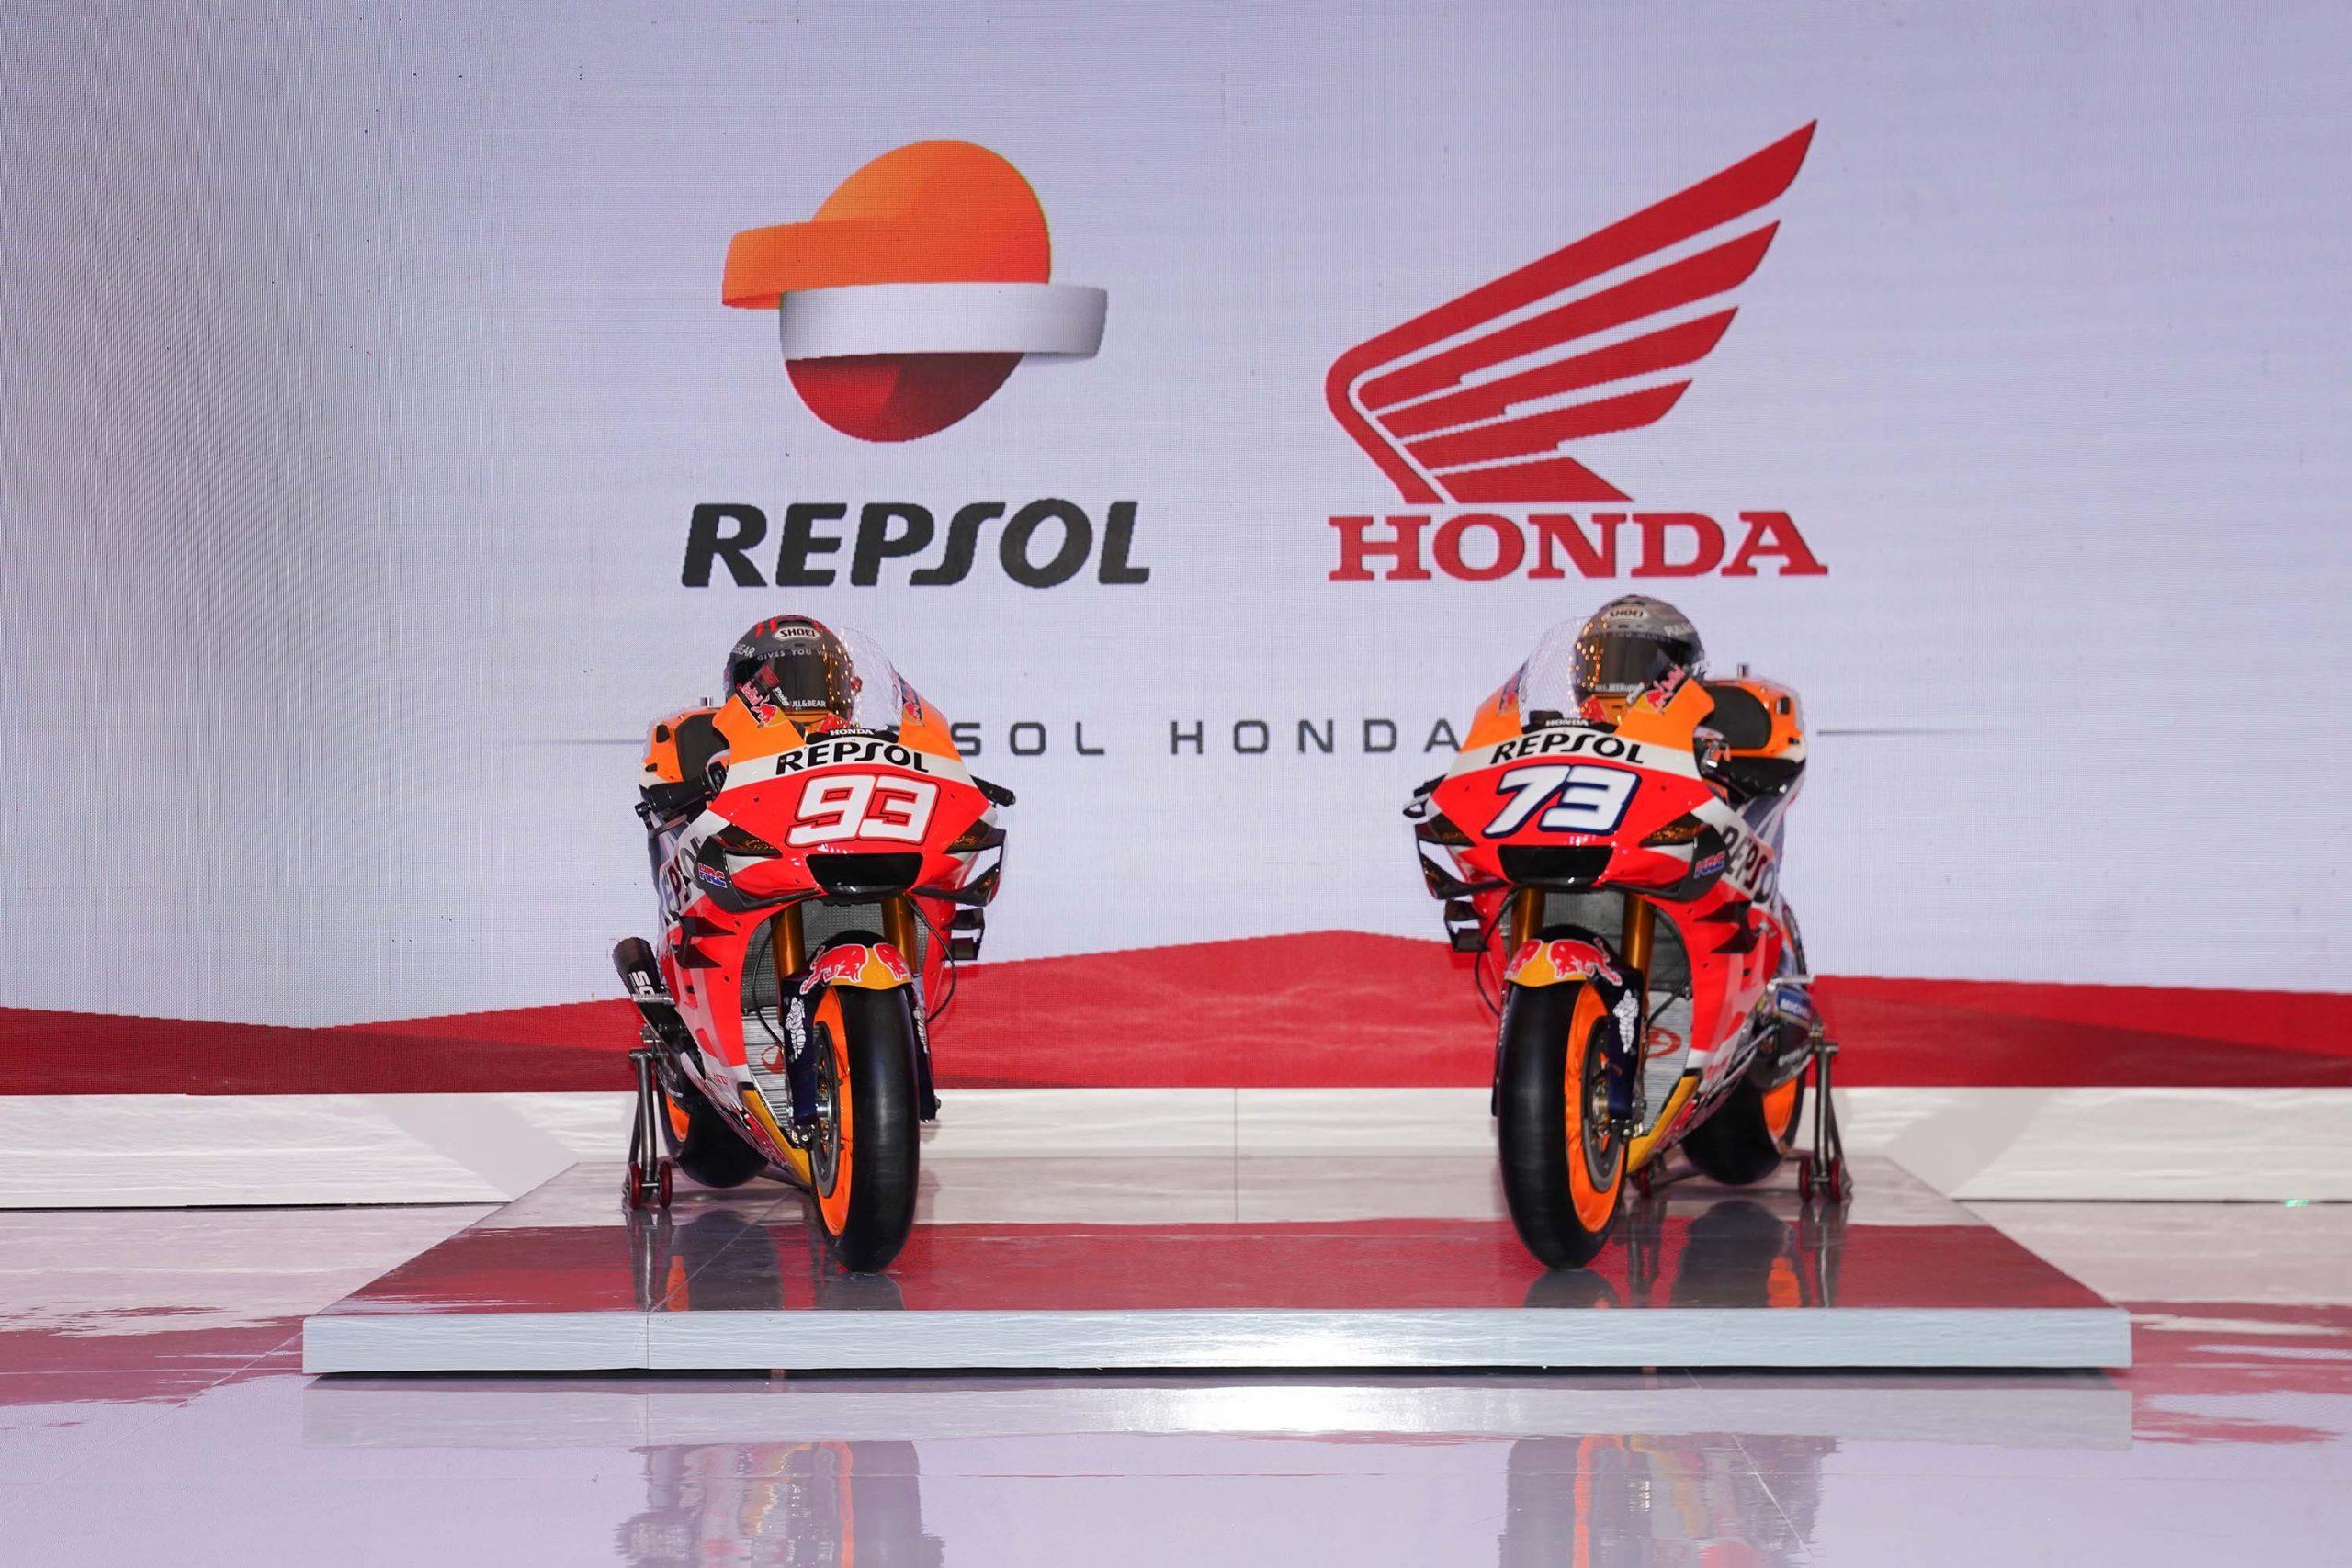 2020-repsol-honda-motogp-team-livery-05-scaled.jpg